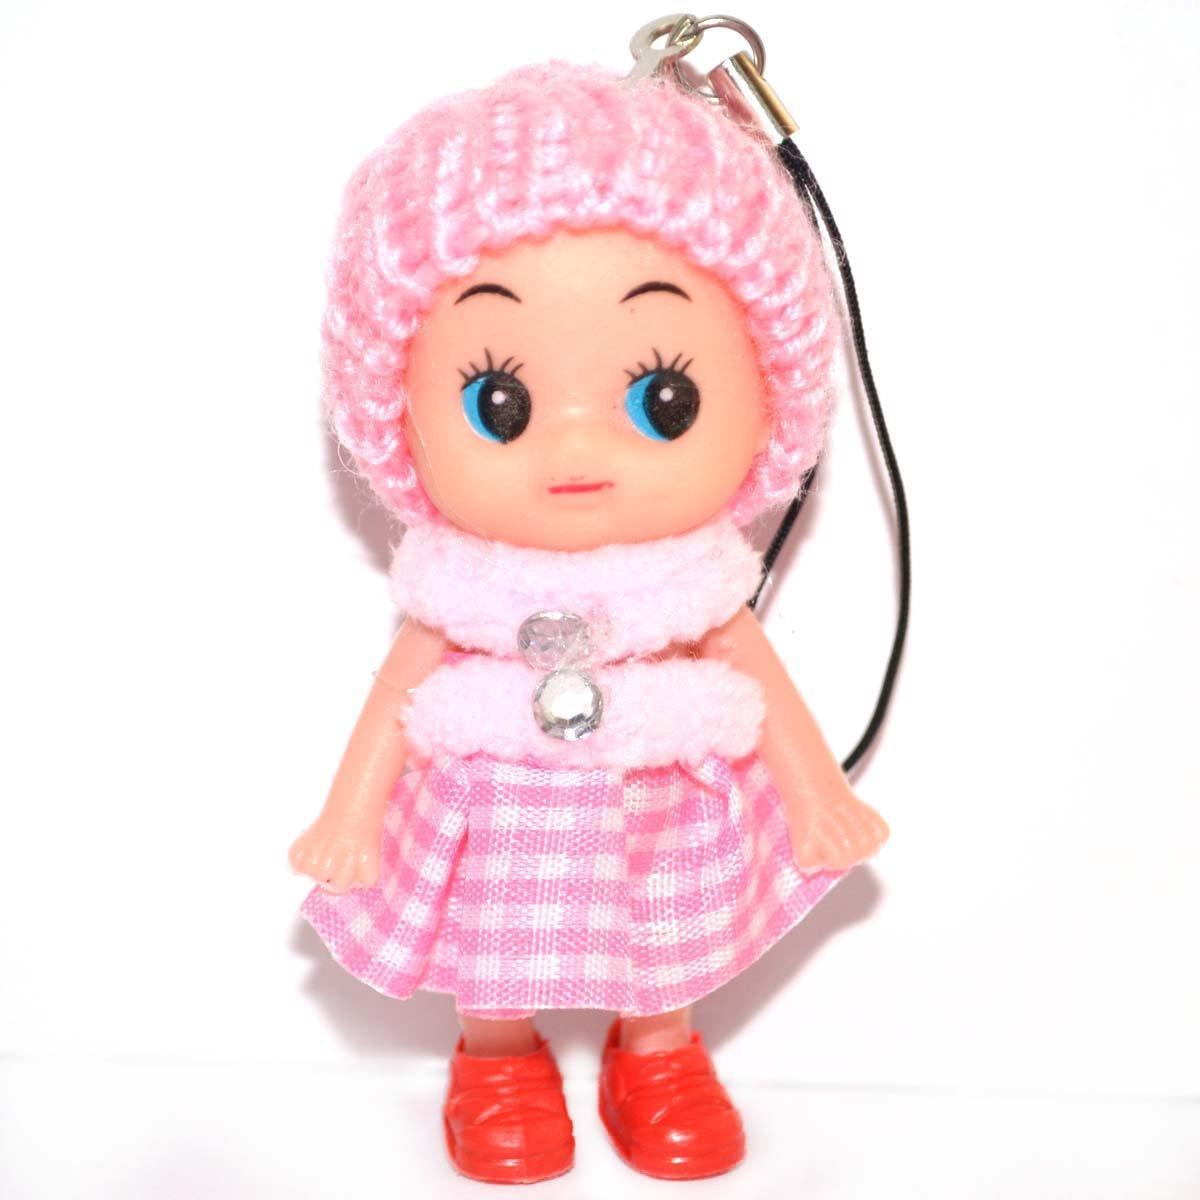 爆款可爱迷糊娃娃 小丑娃娃 手机挂饰 创意礼品玩具 8